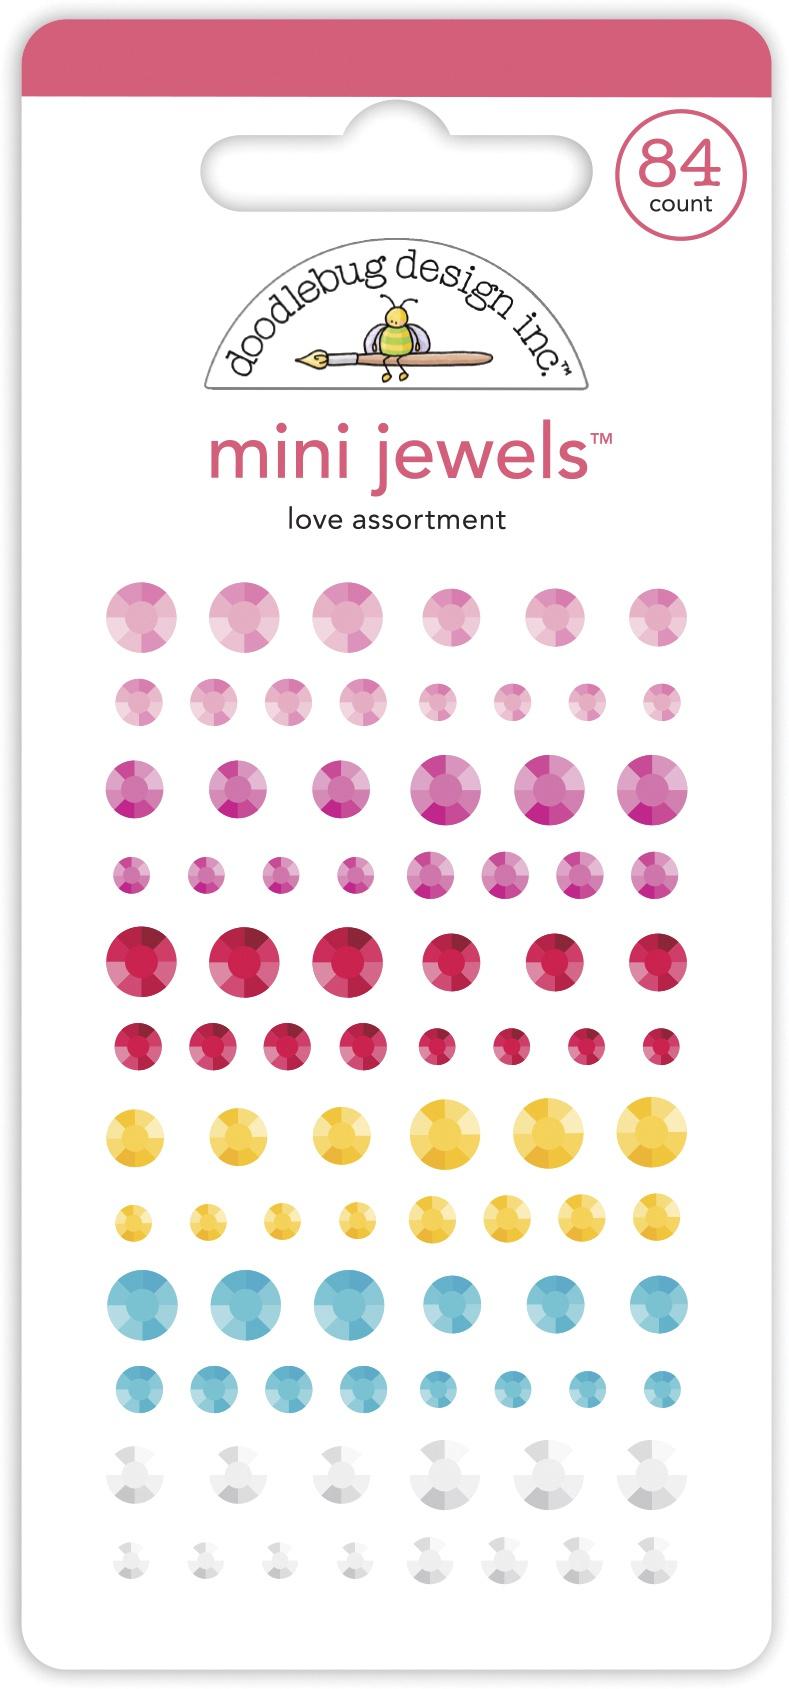 Love Assortment Jewels